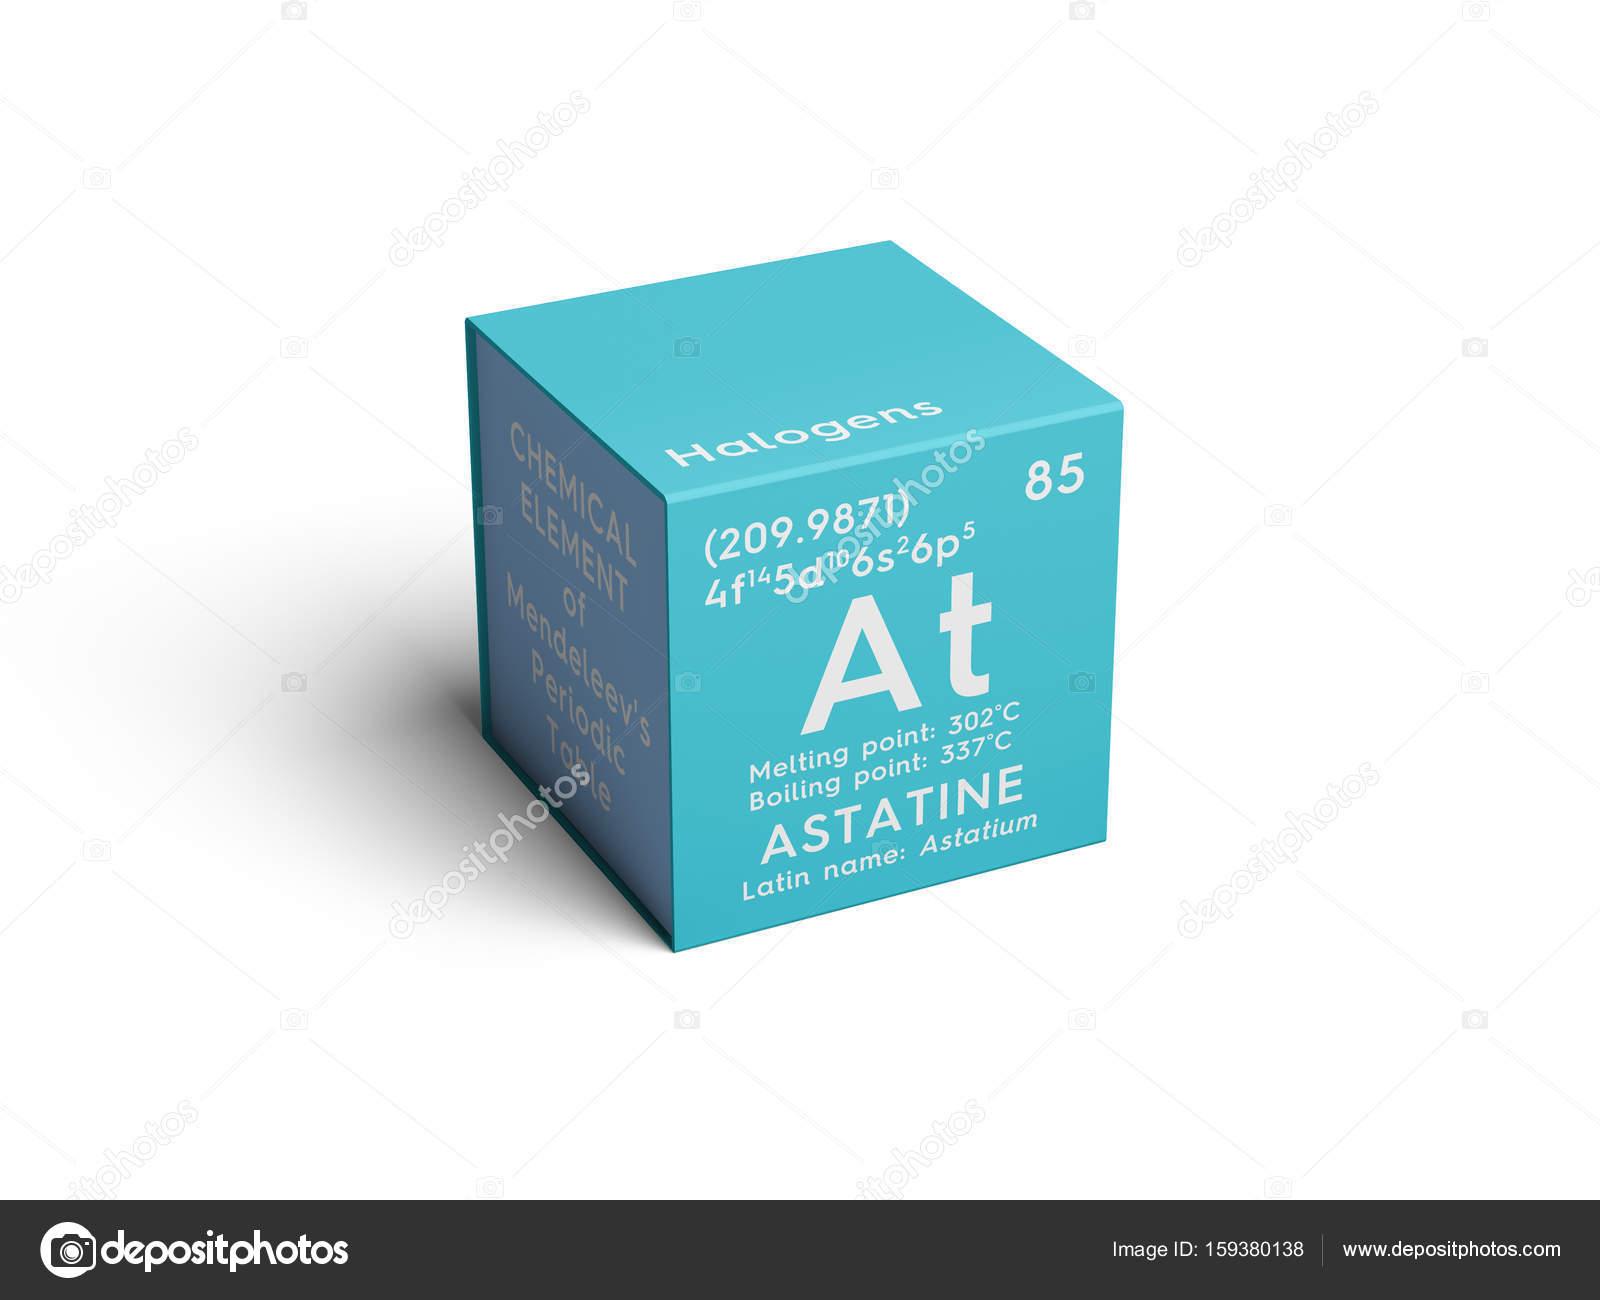 Astatine astatium halgenos elemento qumico de la tabla de halgenos elemento qumico de la tabla de periodica de mendeleiev urtaz Choice Image